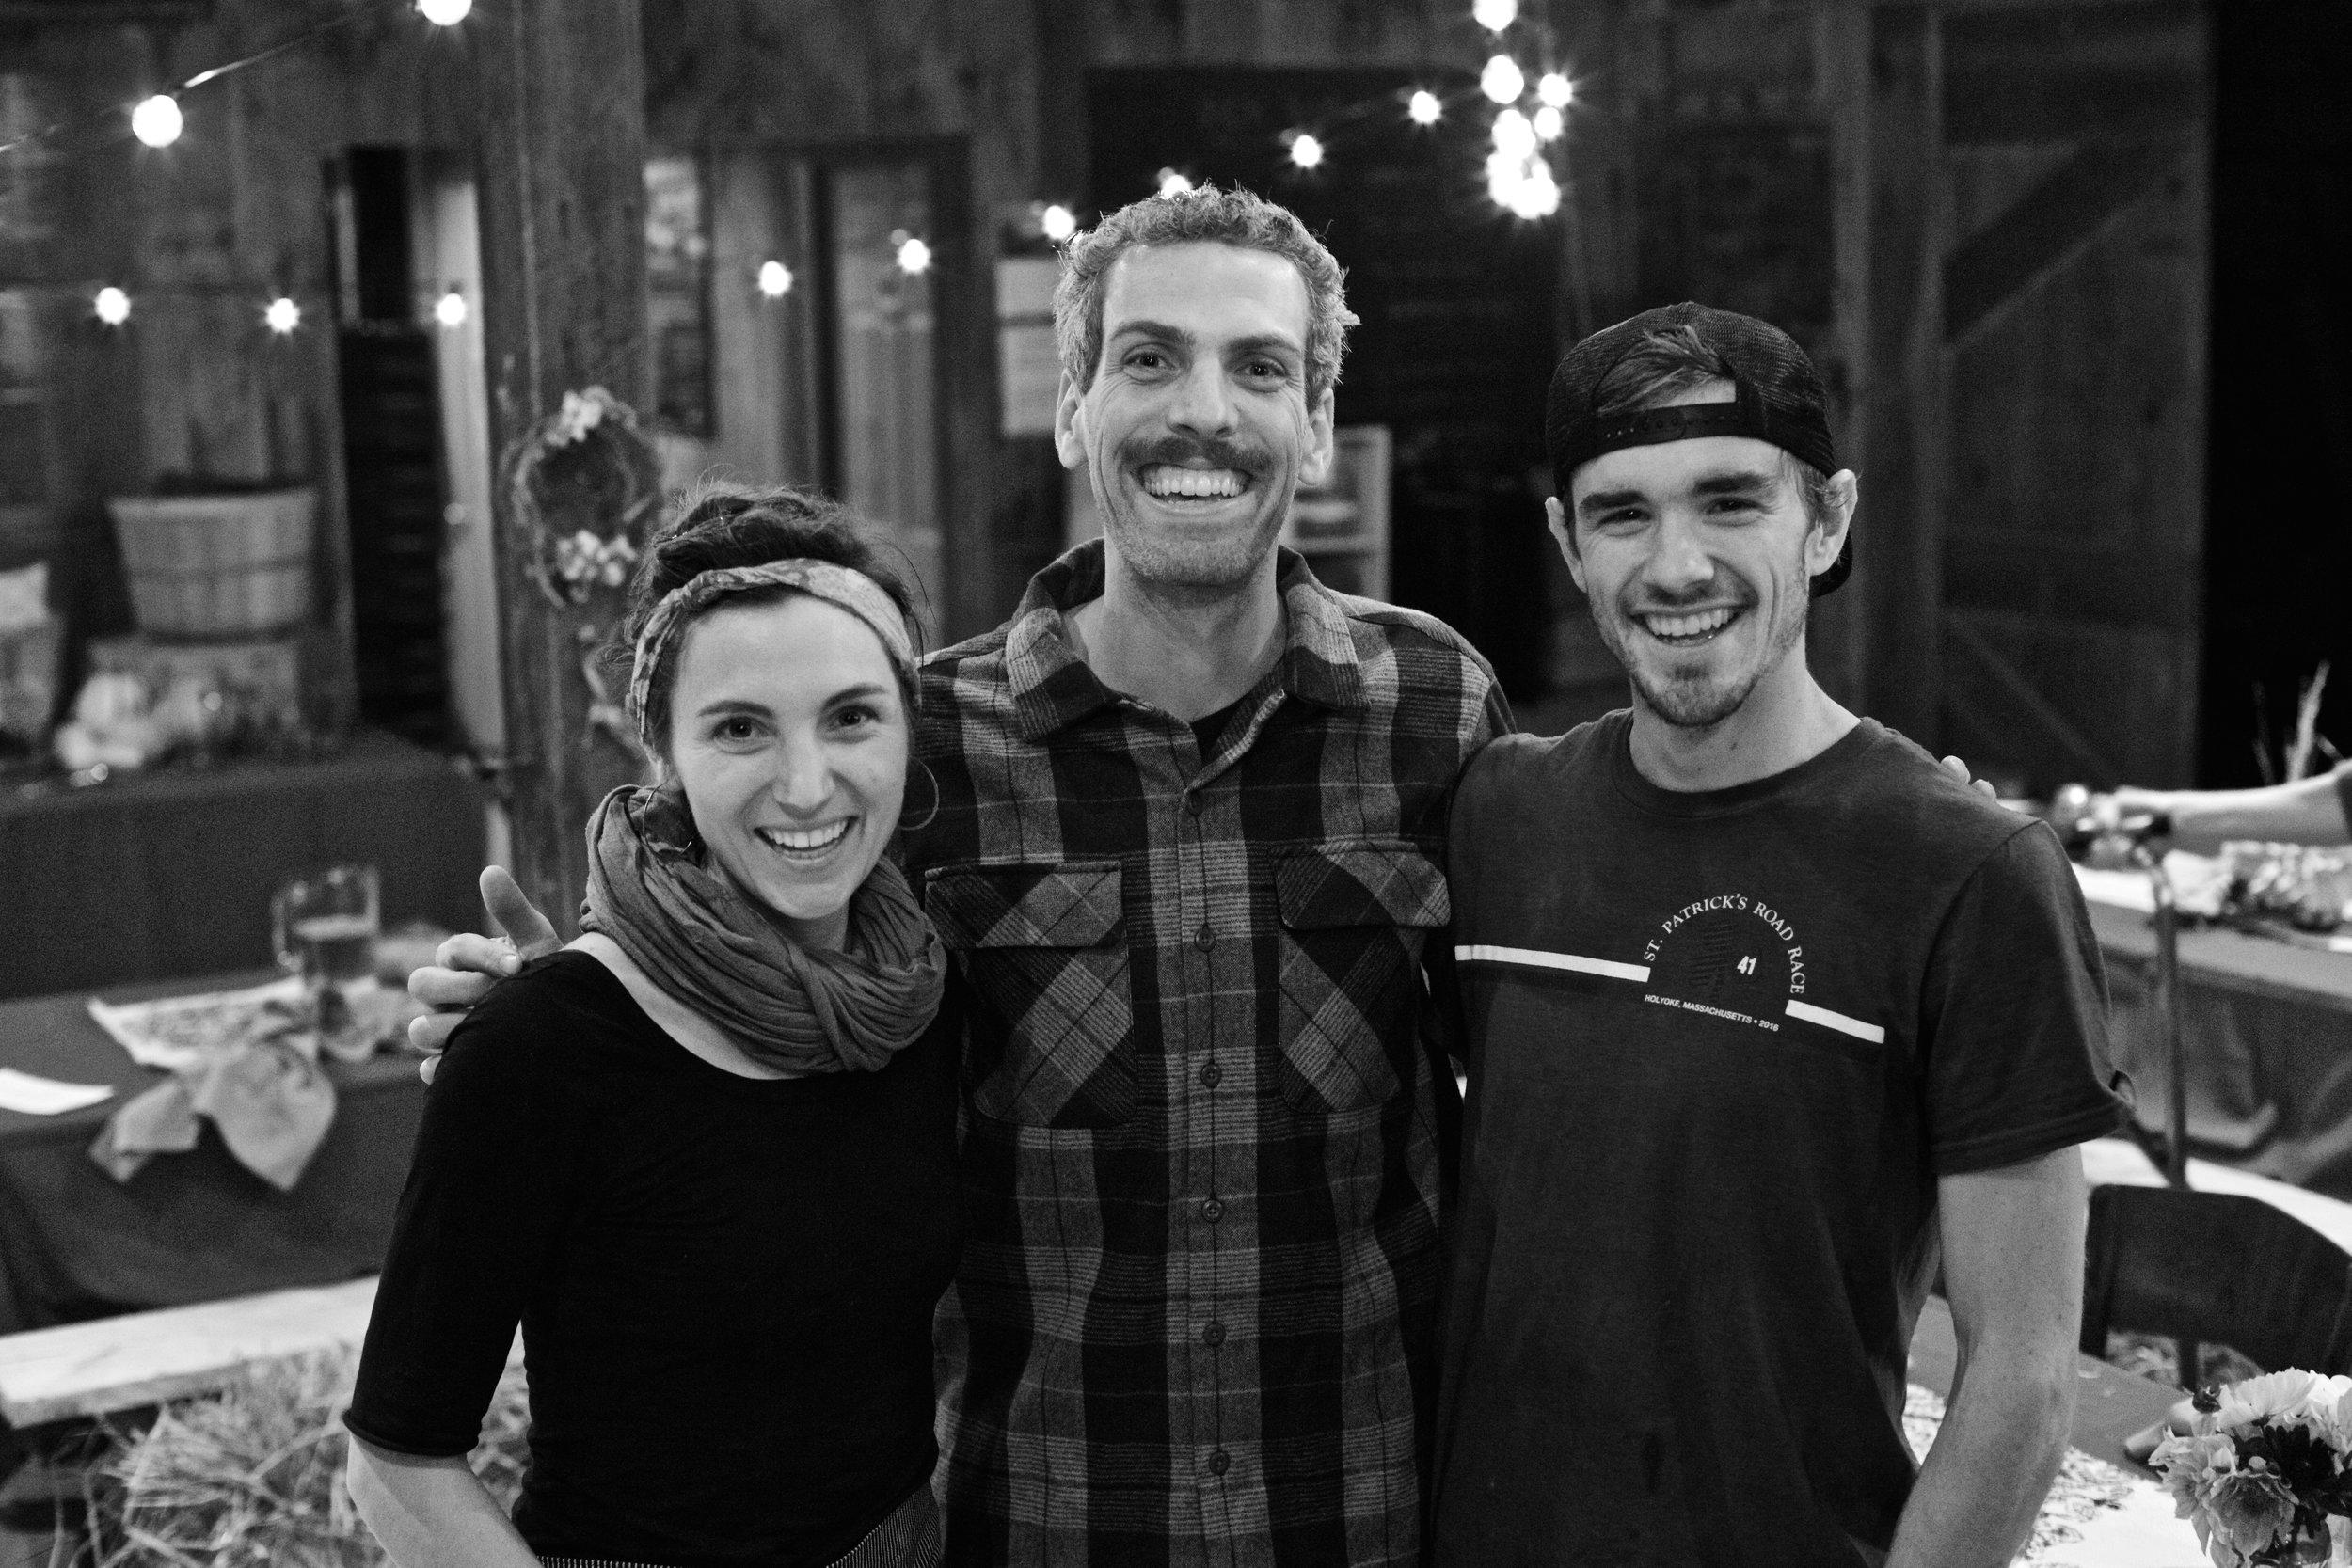 From left to right:Hillary Weber - Wheelhouse General Manager, Jake Mazar - Owner, Will Van Heuvelen - Owner